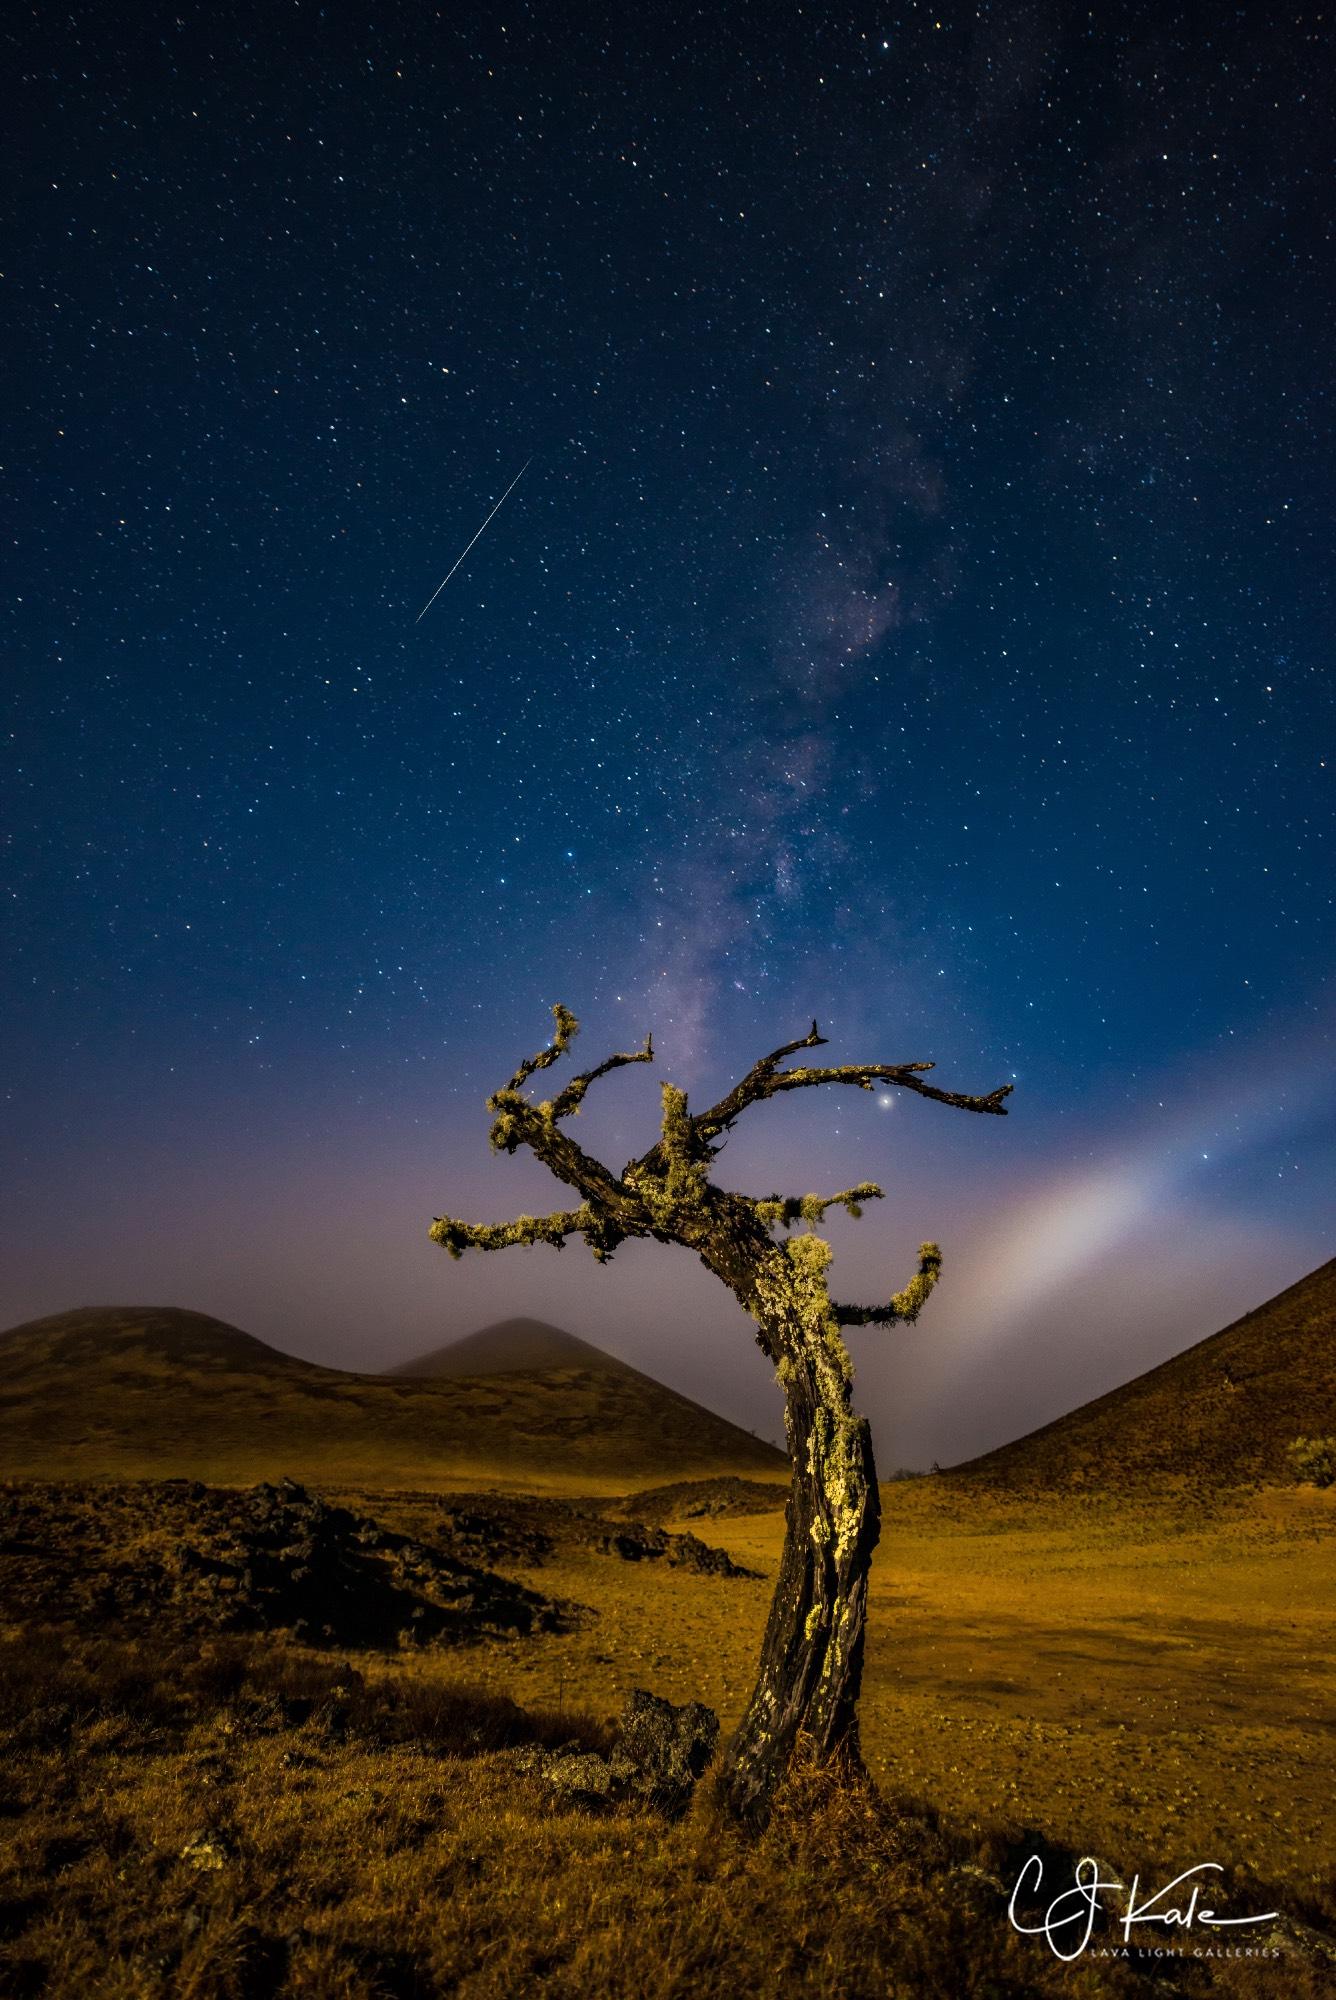 Meteor, tree, stars, moon bow...got it all.